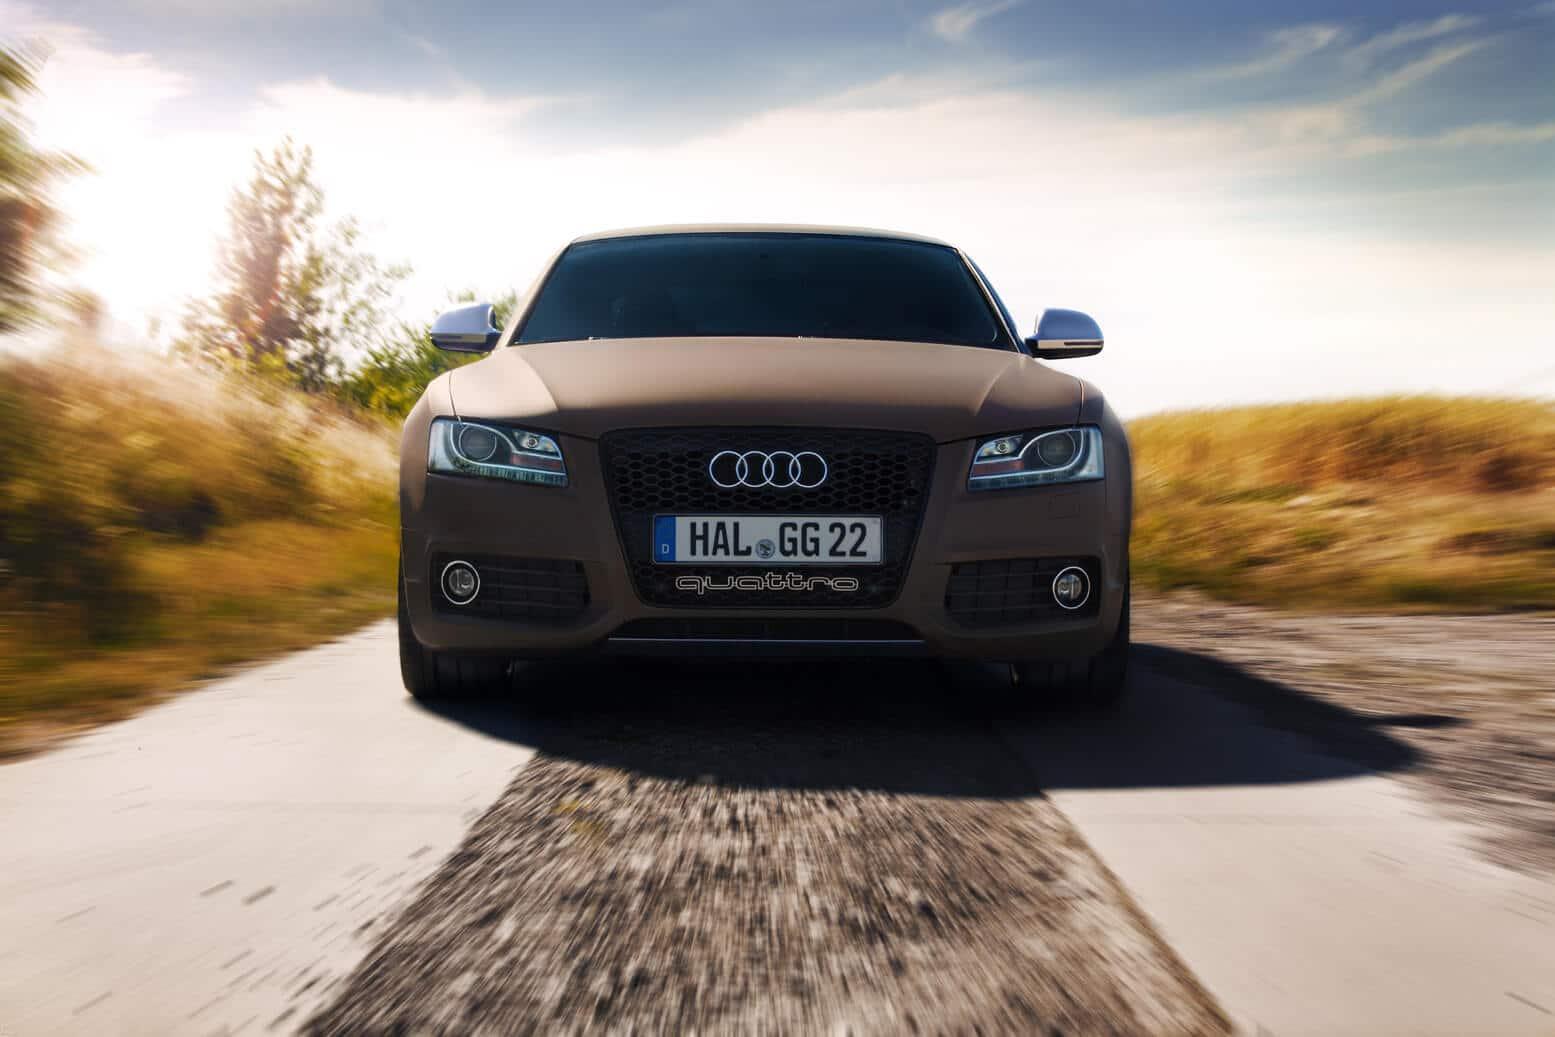 Audi S5 auf einem Felweg Sommer 2015. Erik Draeger Photography